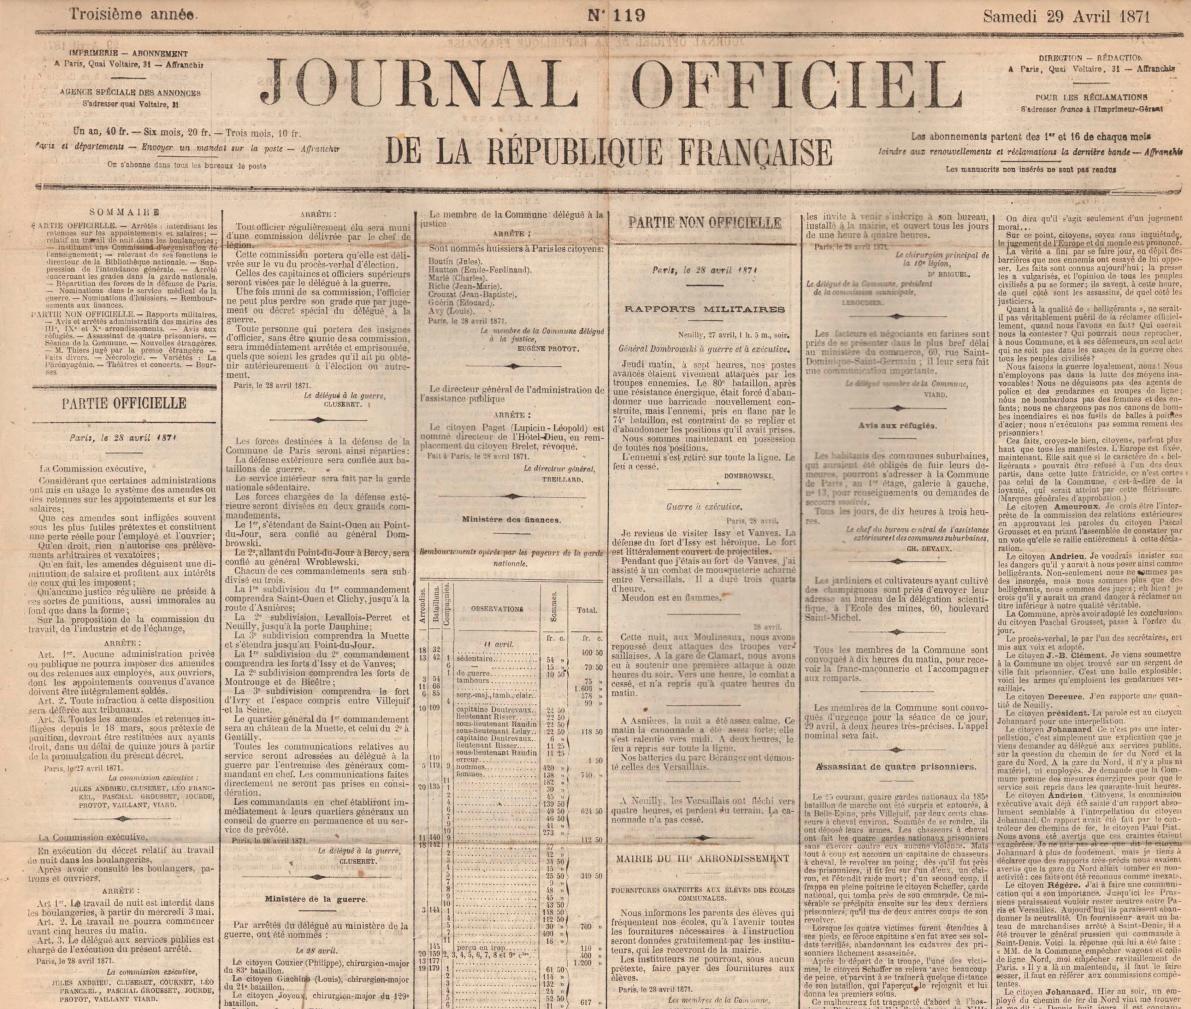 Arrêté interdisant les retenues sur les appointements et salaires, 27 avril 1871